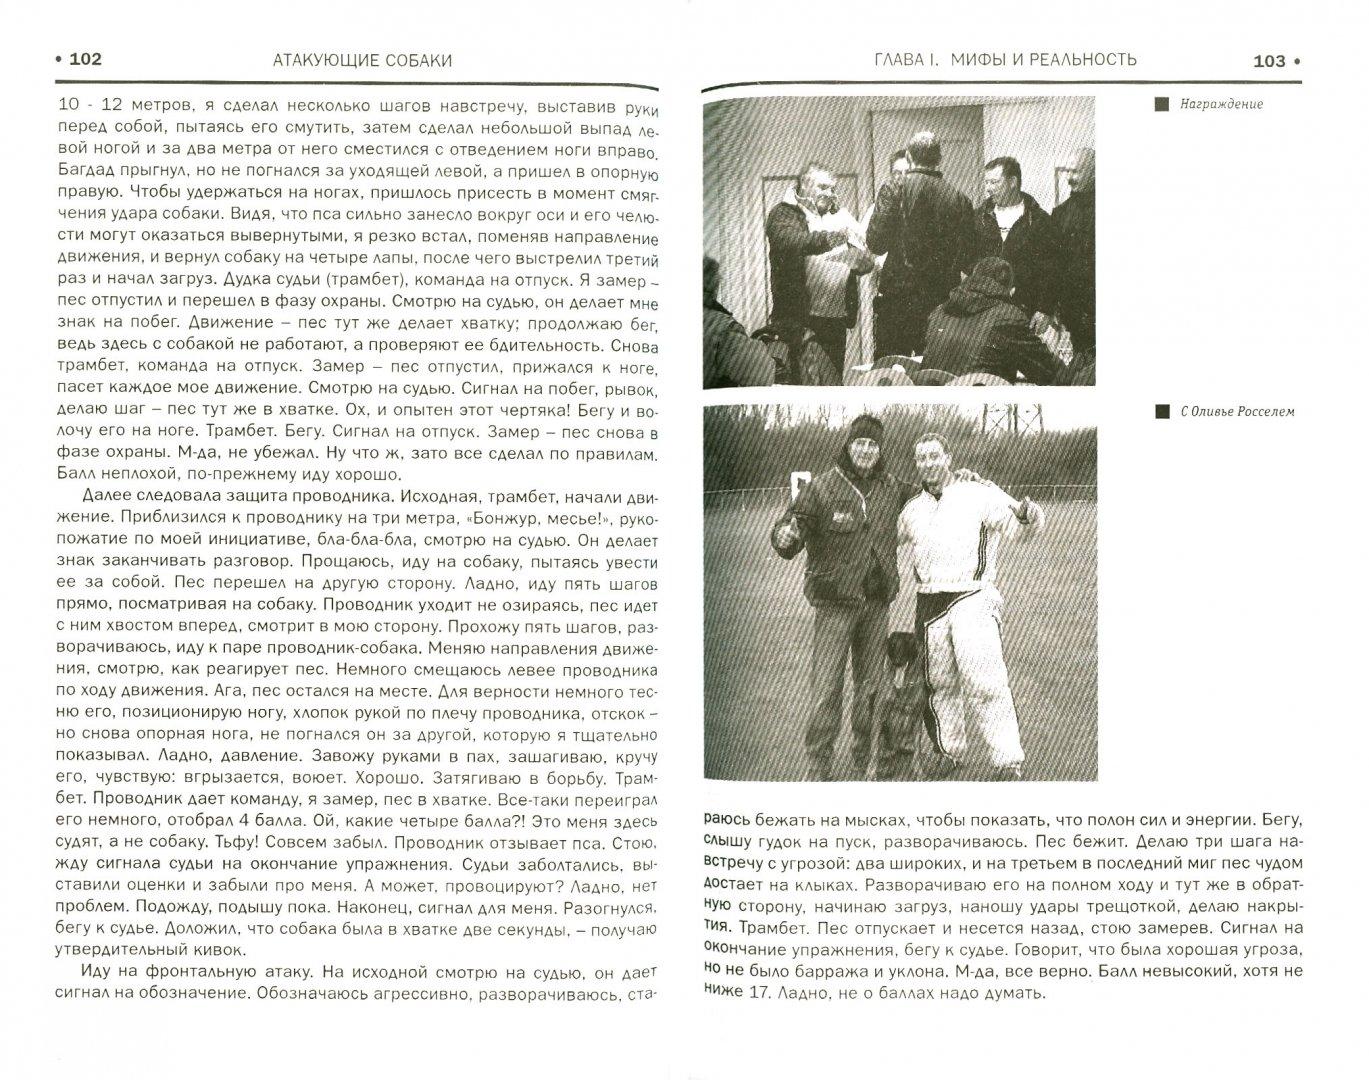 Иллюстрация 1 из 3 для Атакующие собаки. Мифы и реальность современной дрессировки - Дмитрий Фатин | Лабиринт - книги. Источник: Лабиринт